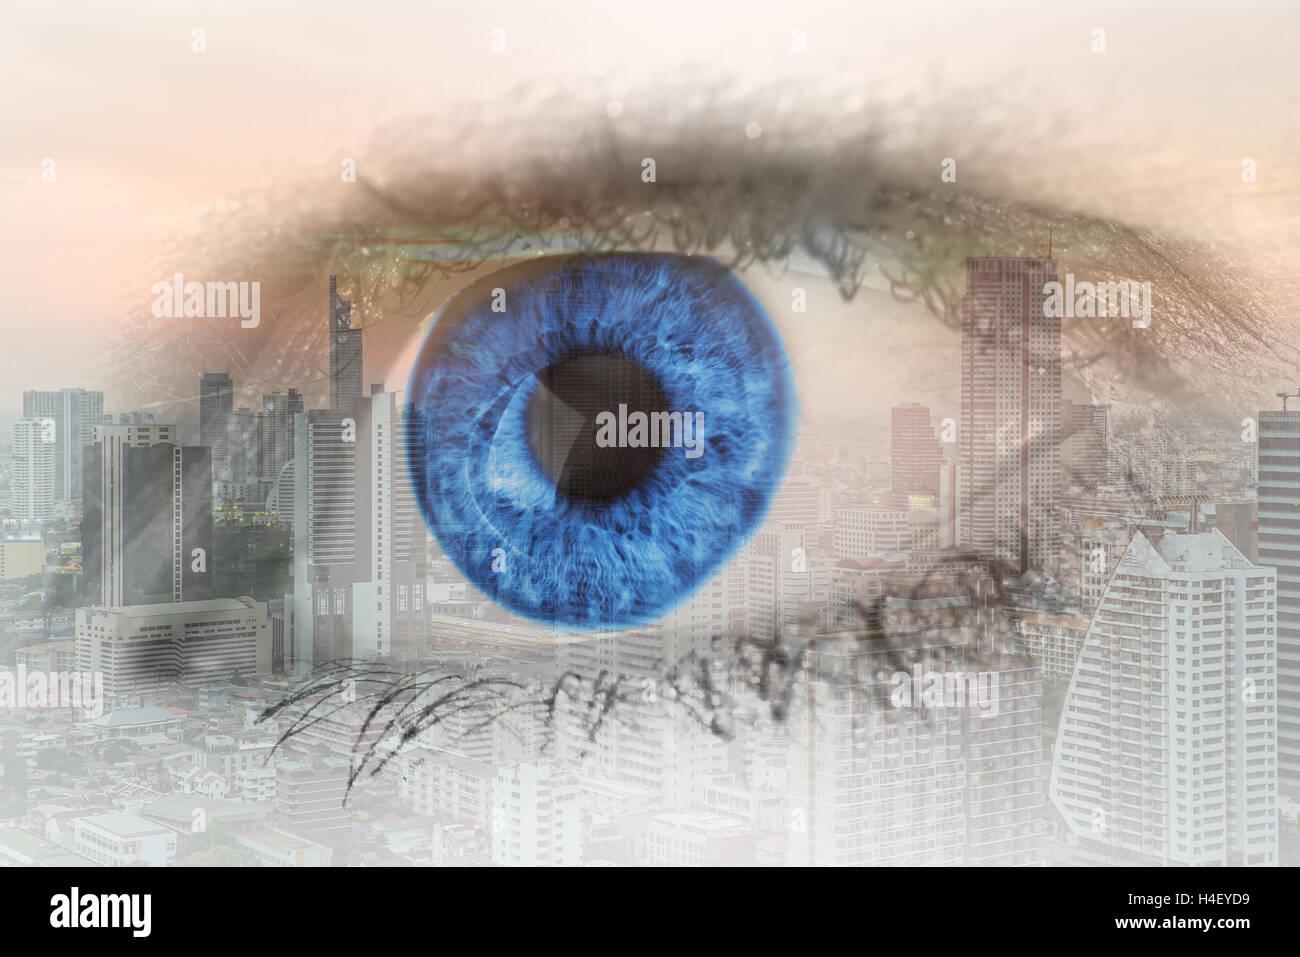 Esposizione doppia immagine dell'occhio umano con centro business district Bangkok City. Business future concept. Immagini Stock